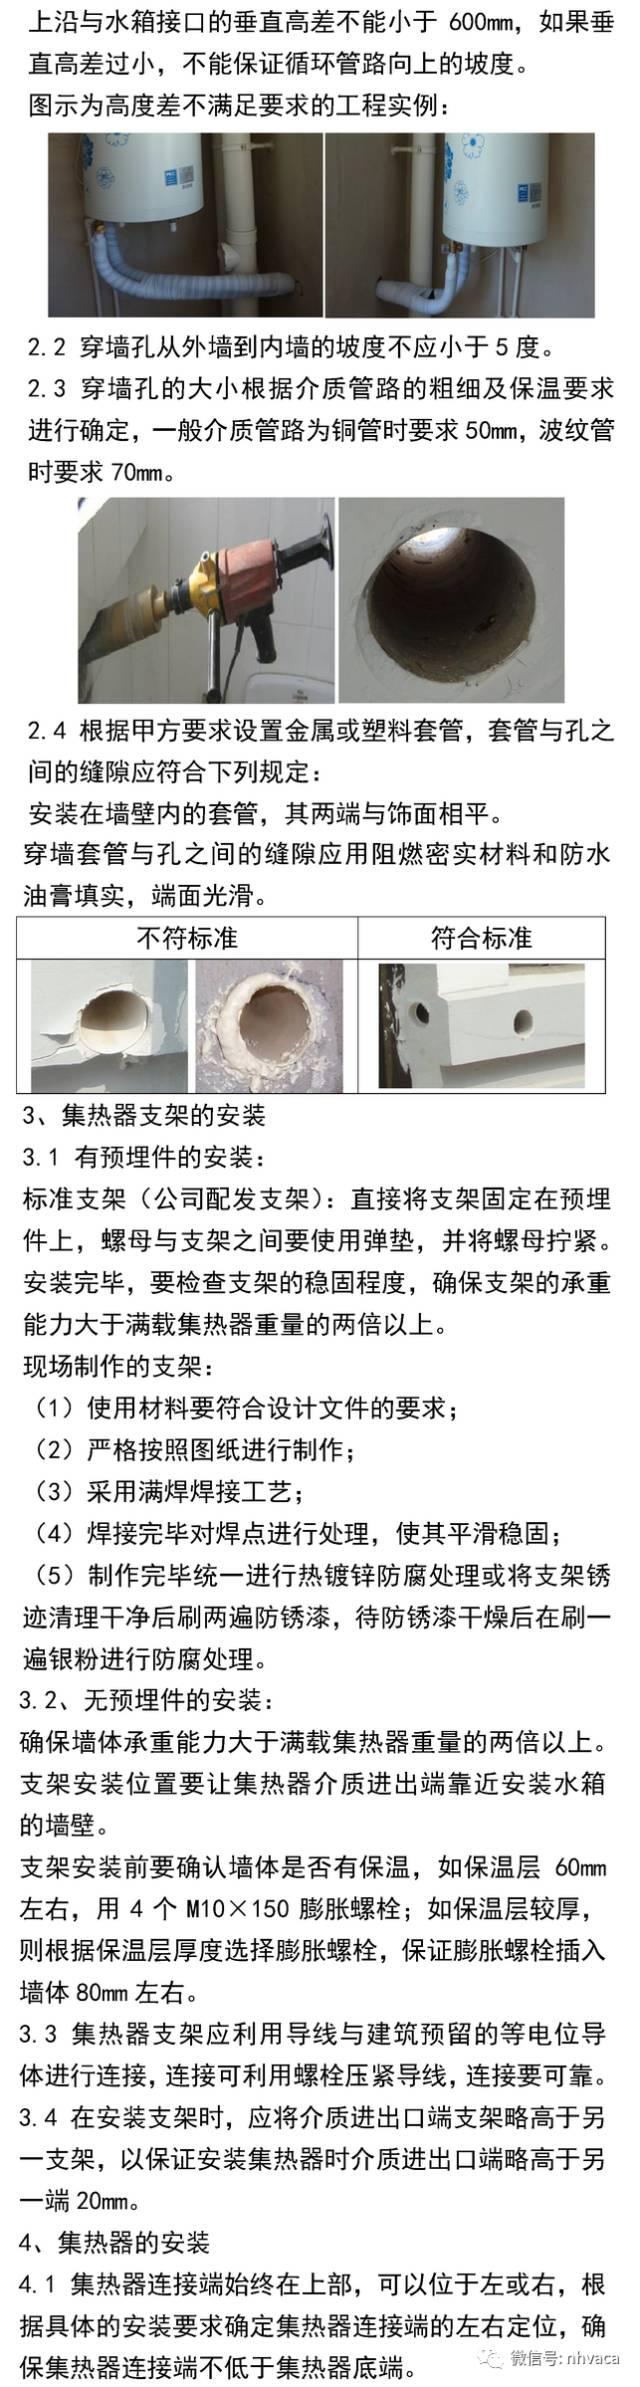 阳台壁挂太阳能热水器设计安装手册_7